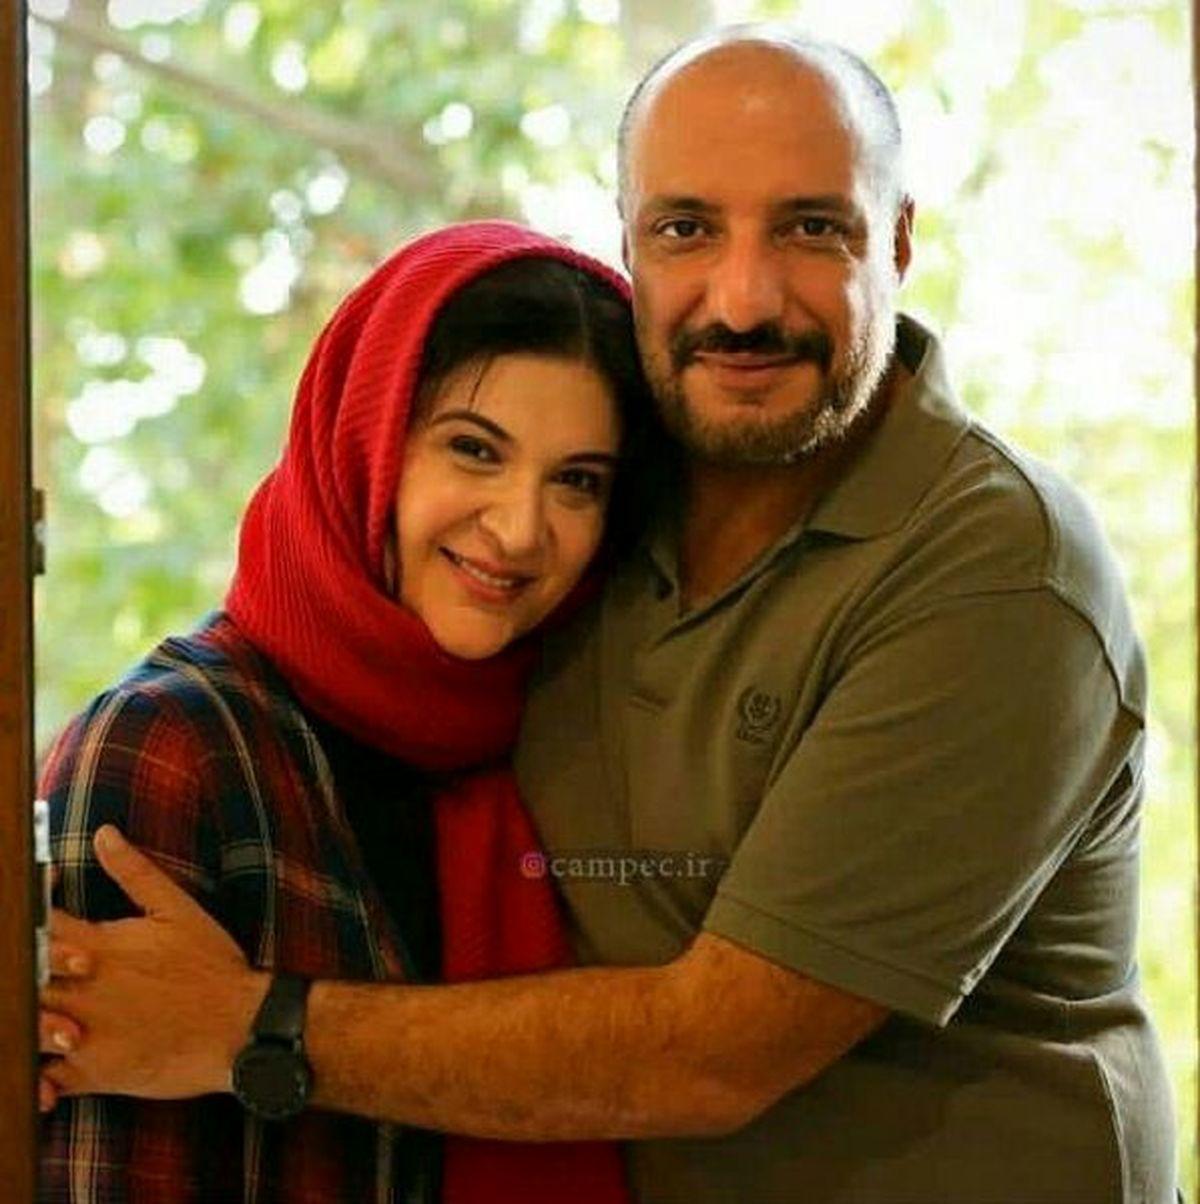 واکنش جنجالی امیر جعفری به پست محسن تنابنده درباره همسرش! +عکس